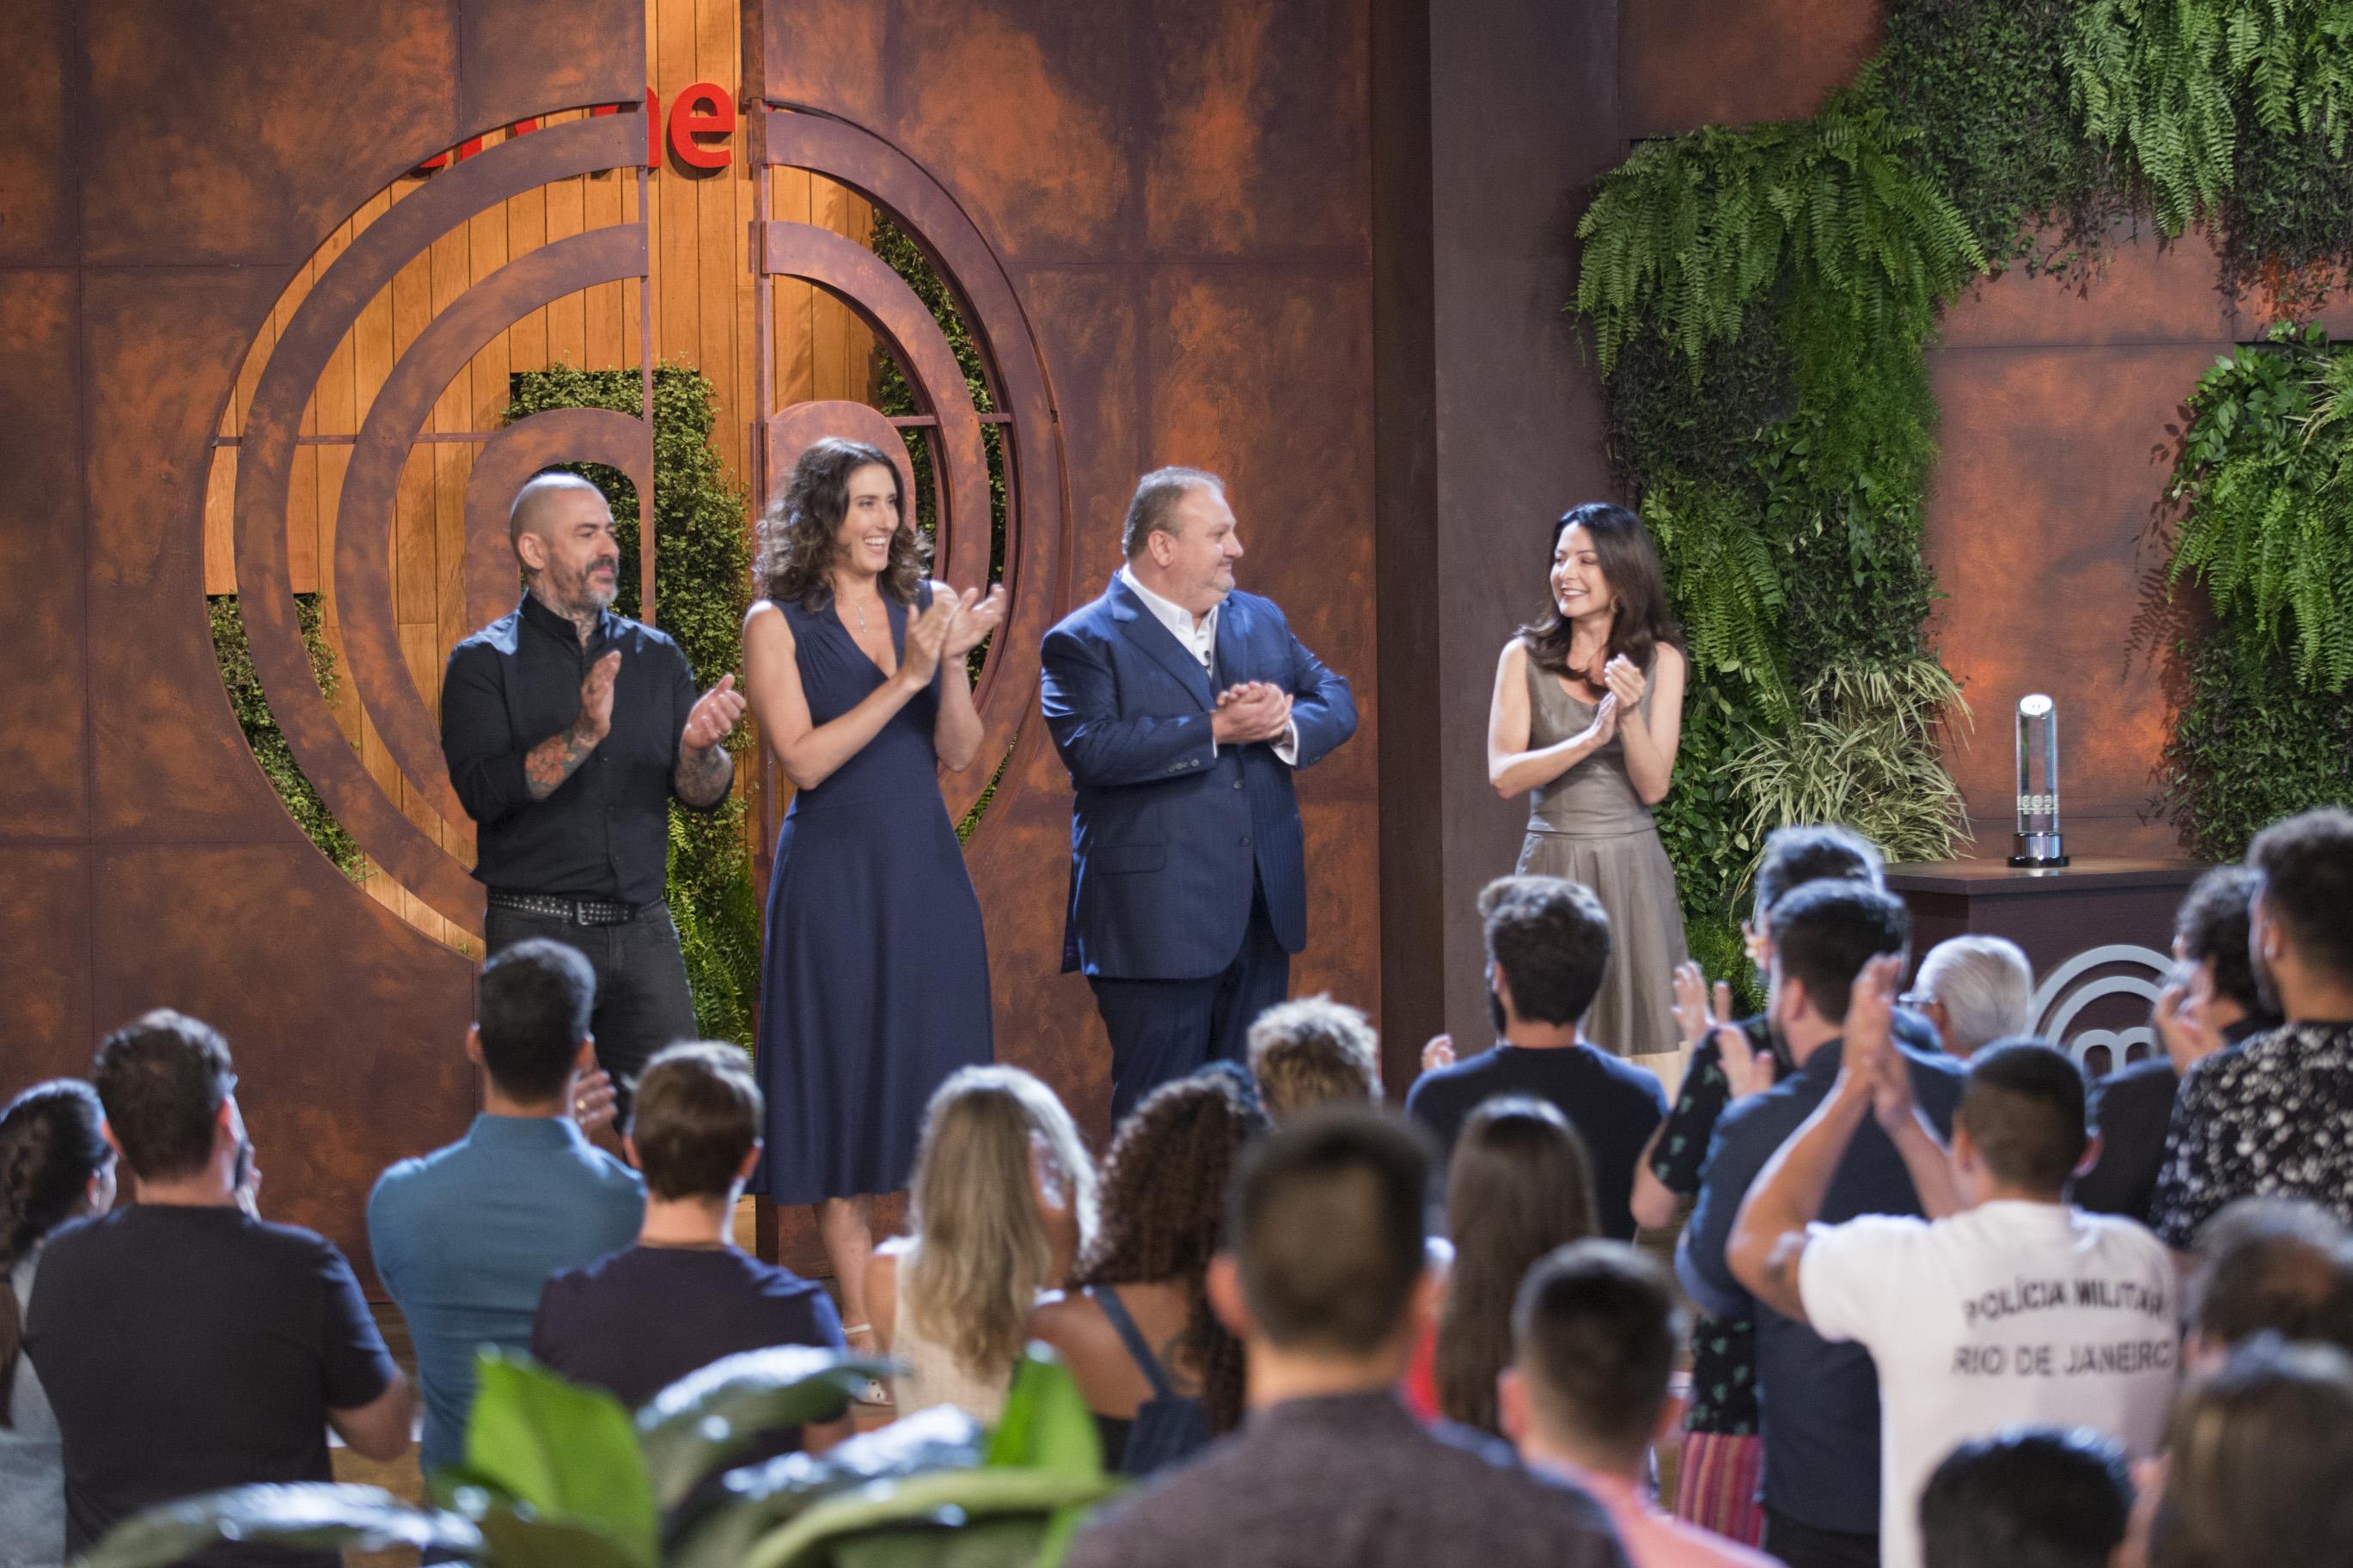 Desde a estreia em 2014, programa permanece com o mesmo time de apresentadora e jurados. Foto: Band/Divulgação